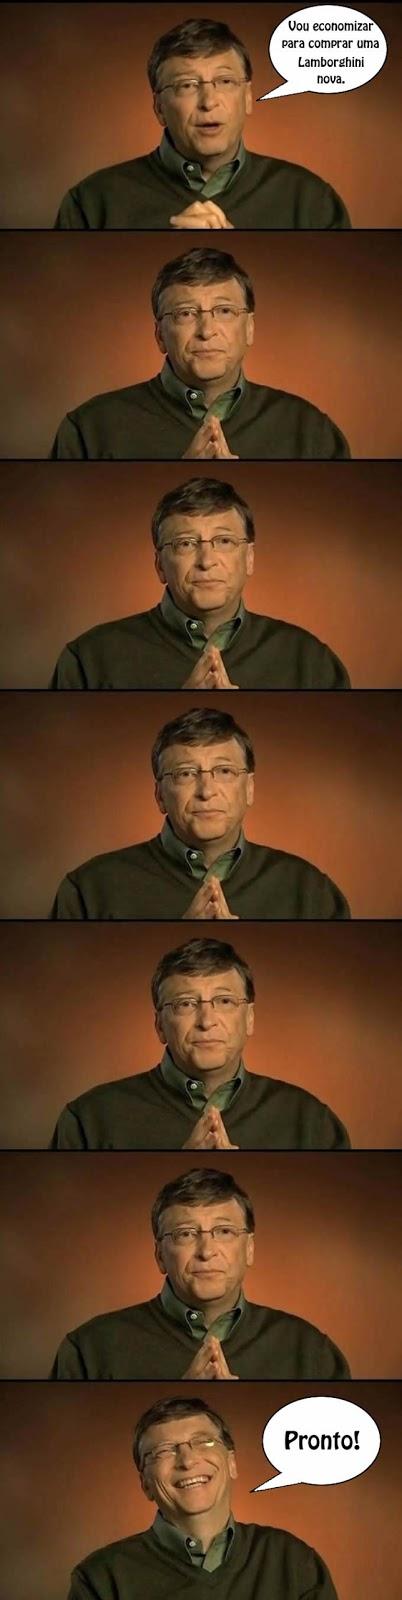 Bill Gates e sua Lamborghini nova